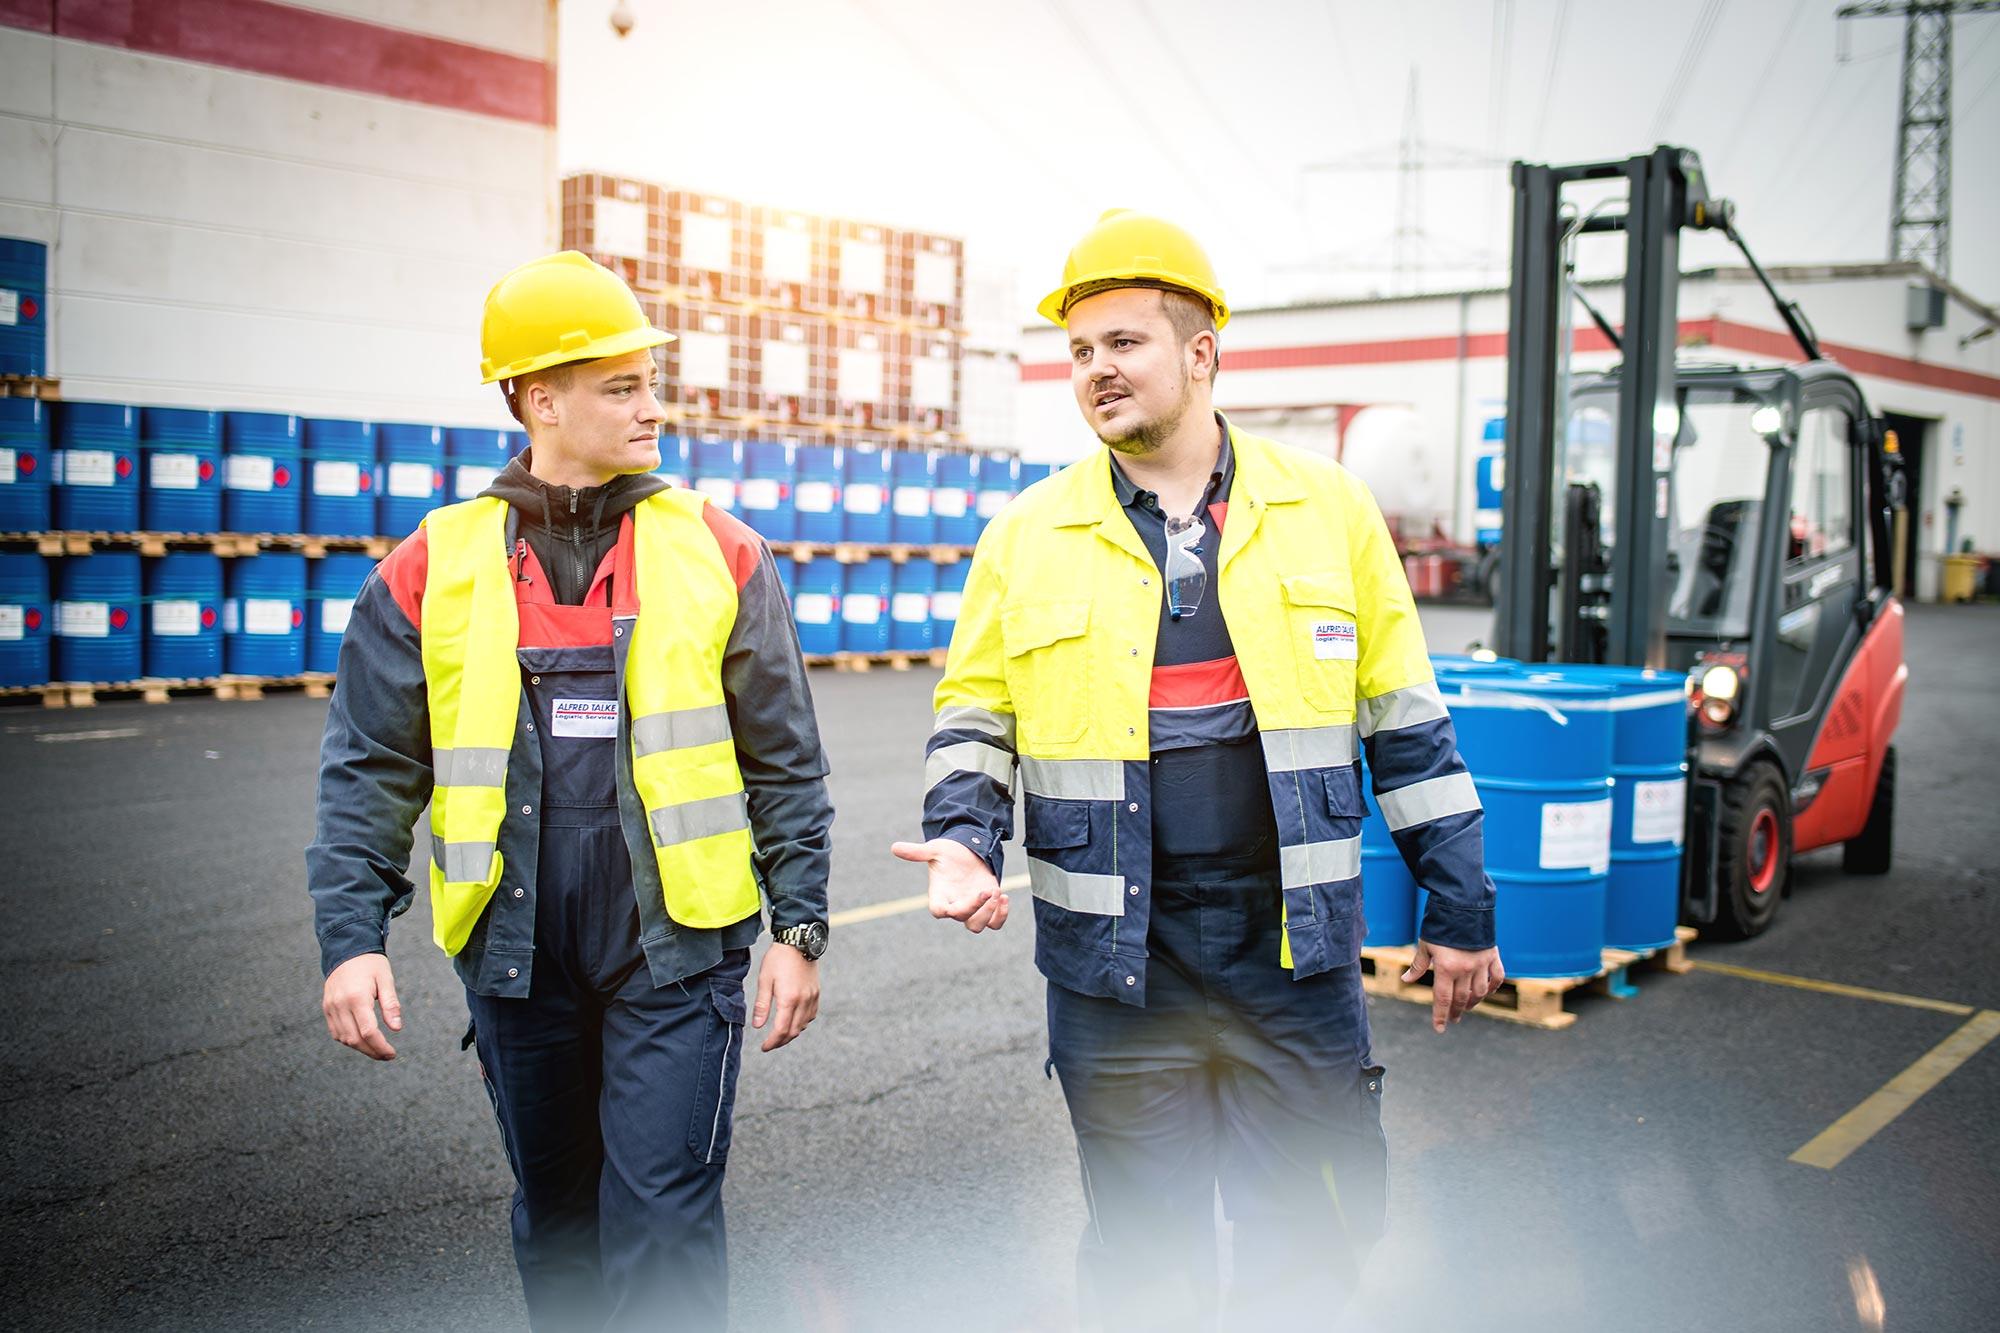 Talke Logistics Mitarbeiter Motive Logistik Arbeiter auf dem Betriebshof laufen reden mit Gabelstabler